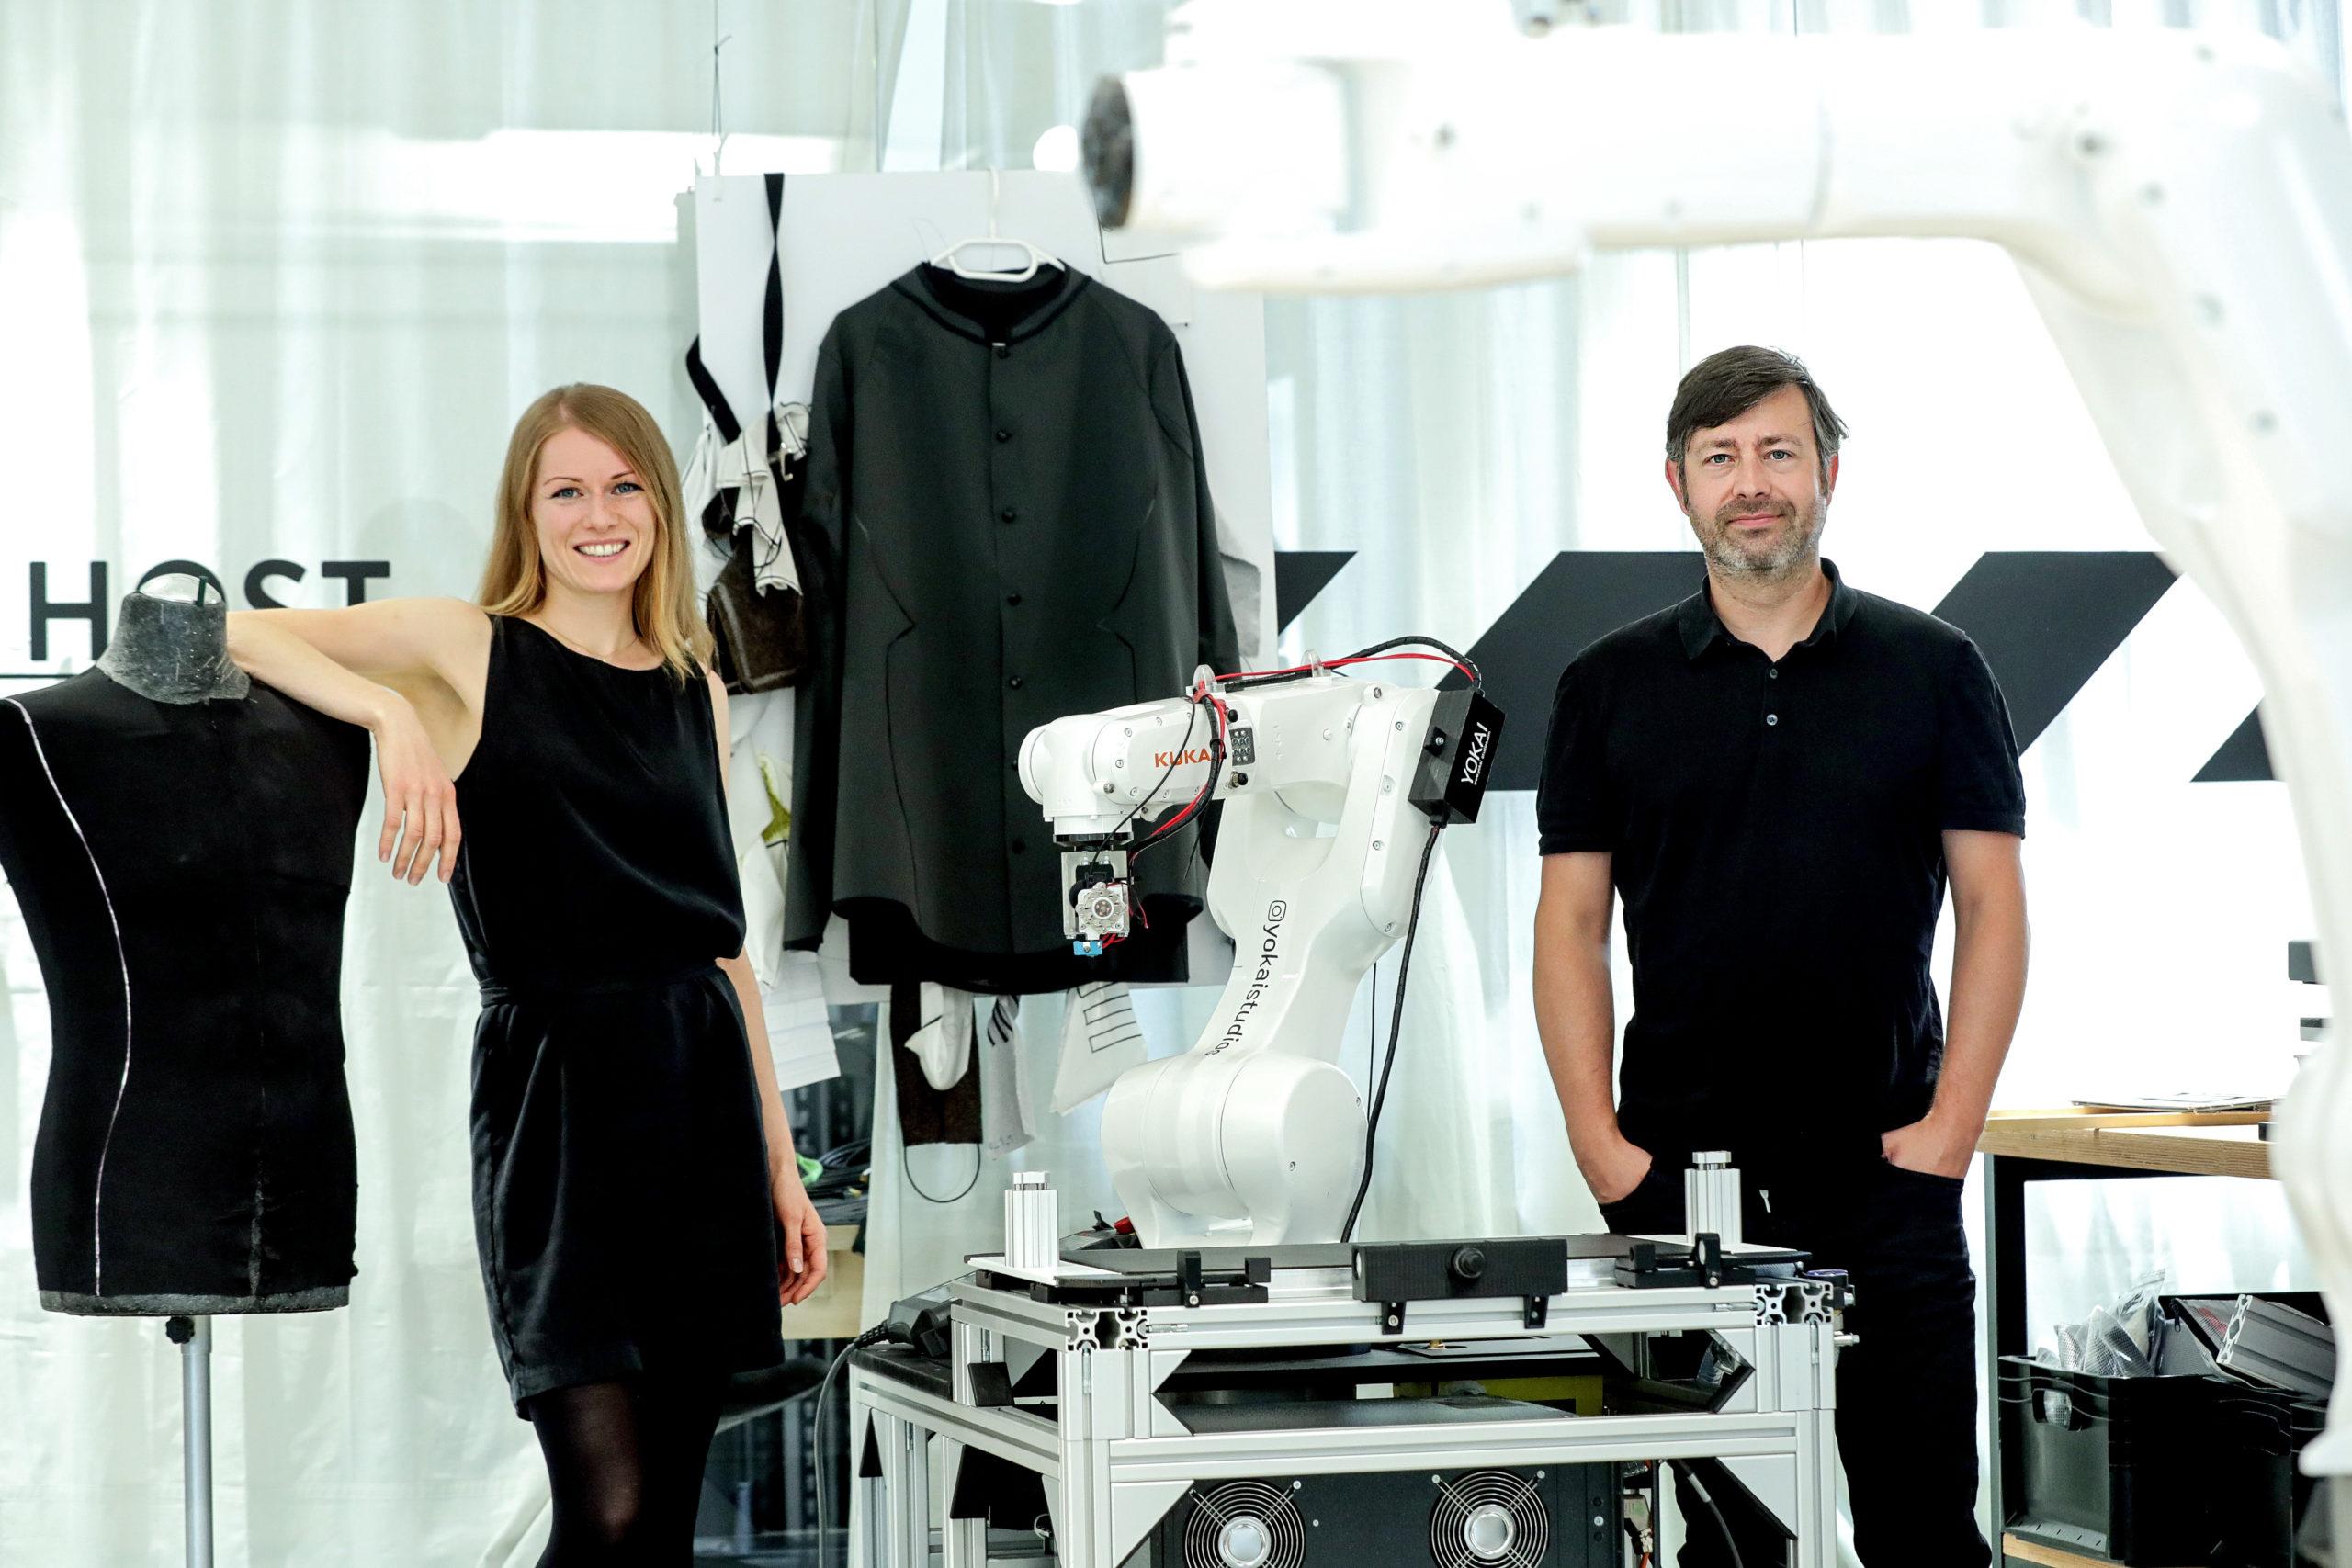 Verena Traunmüller und Wolfgang Gumpelmaier-Mach arbeiten in einem internationalen Team an der Mode der Zukunft. Foto: Volker Weihbold